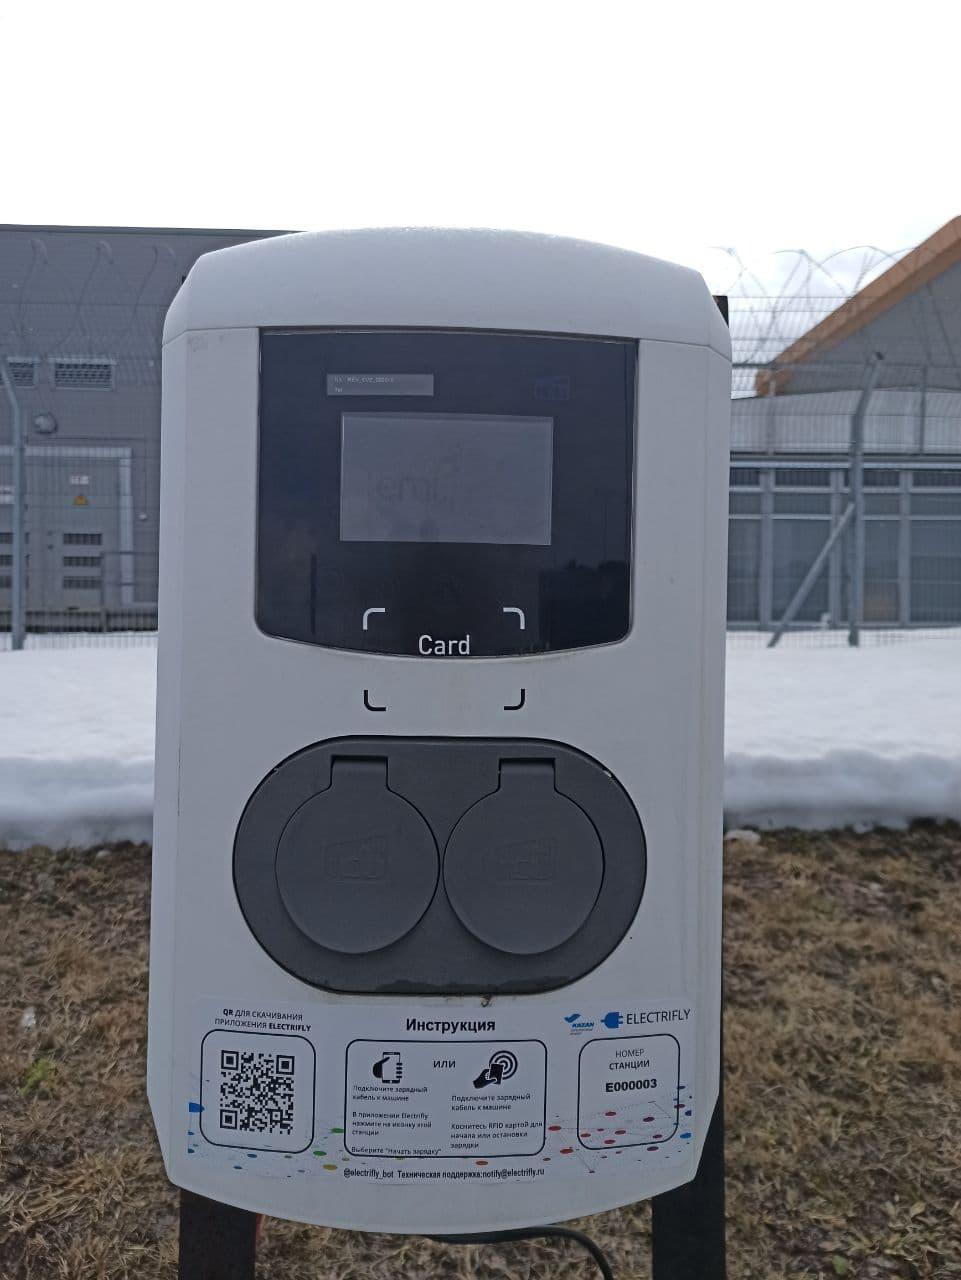 photo 2021 04 09 09 56 02 В Казани установили зарядную станцию для электрокаров, управляемую со смартфона